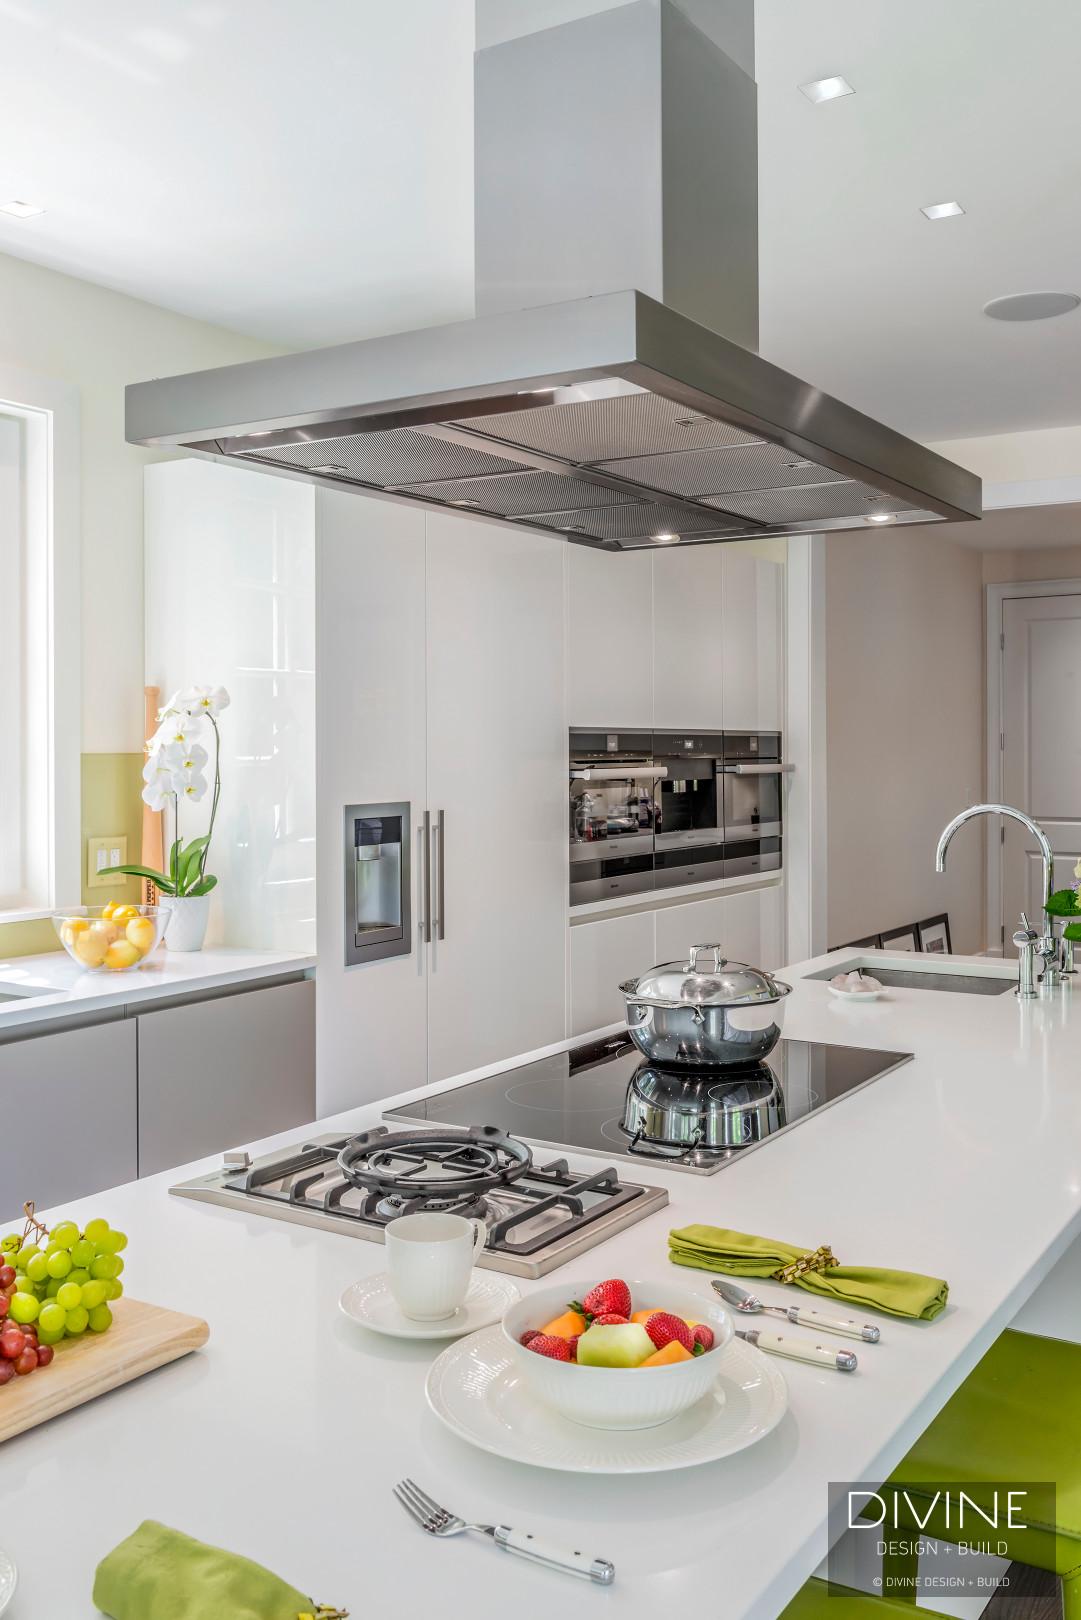 Boston Weston Modern Contemporary Leicht Kitchen Divine